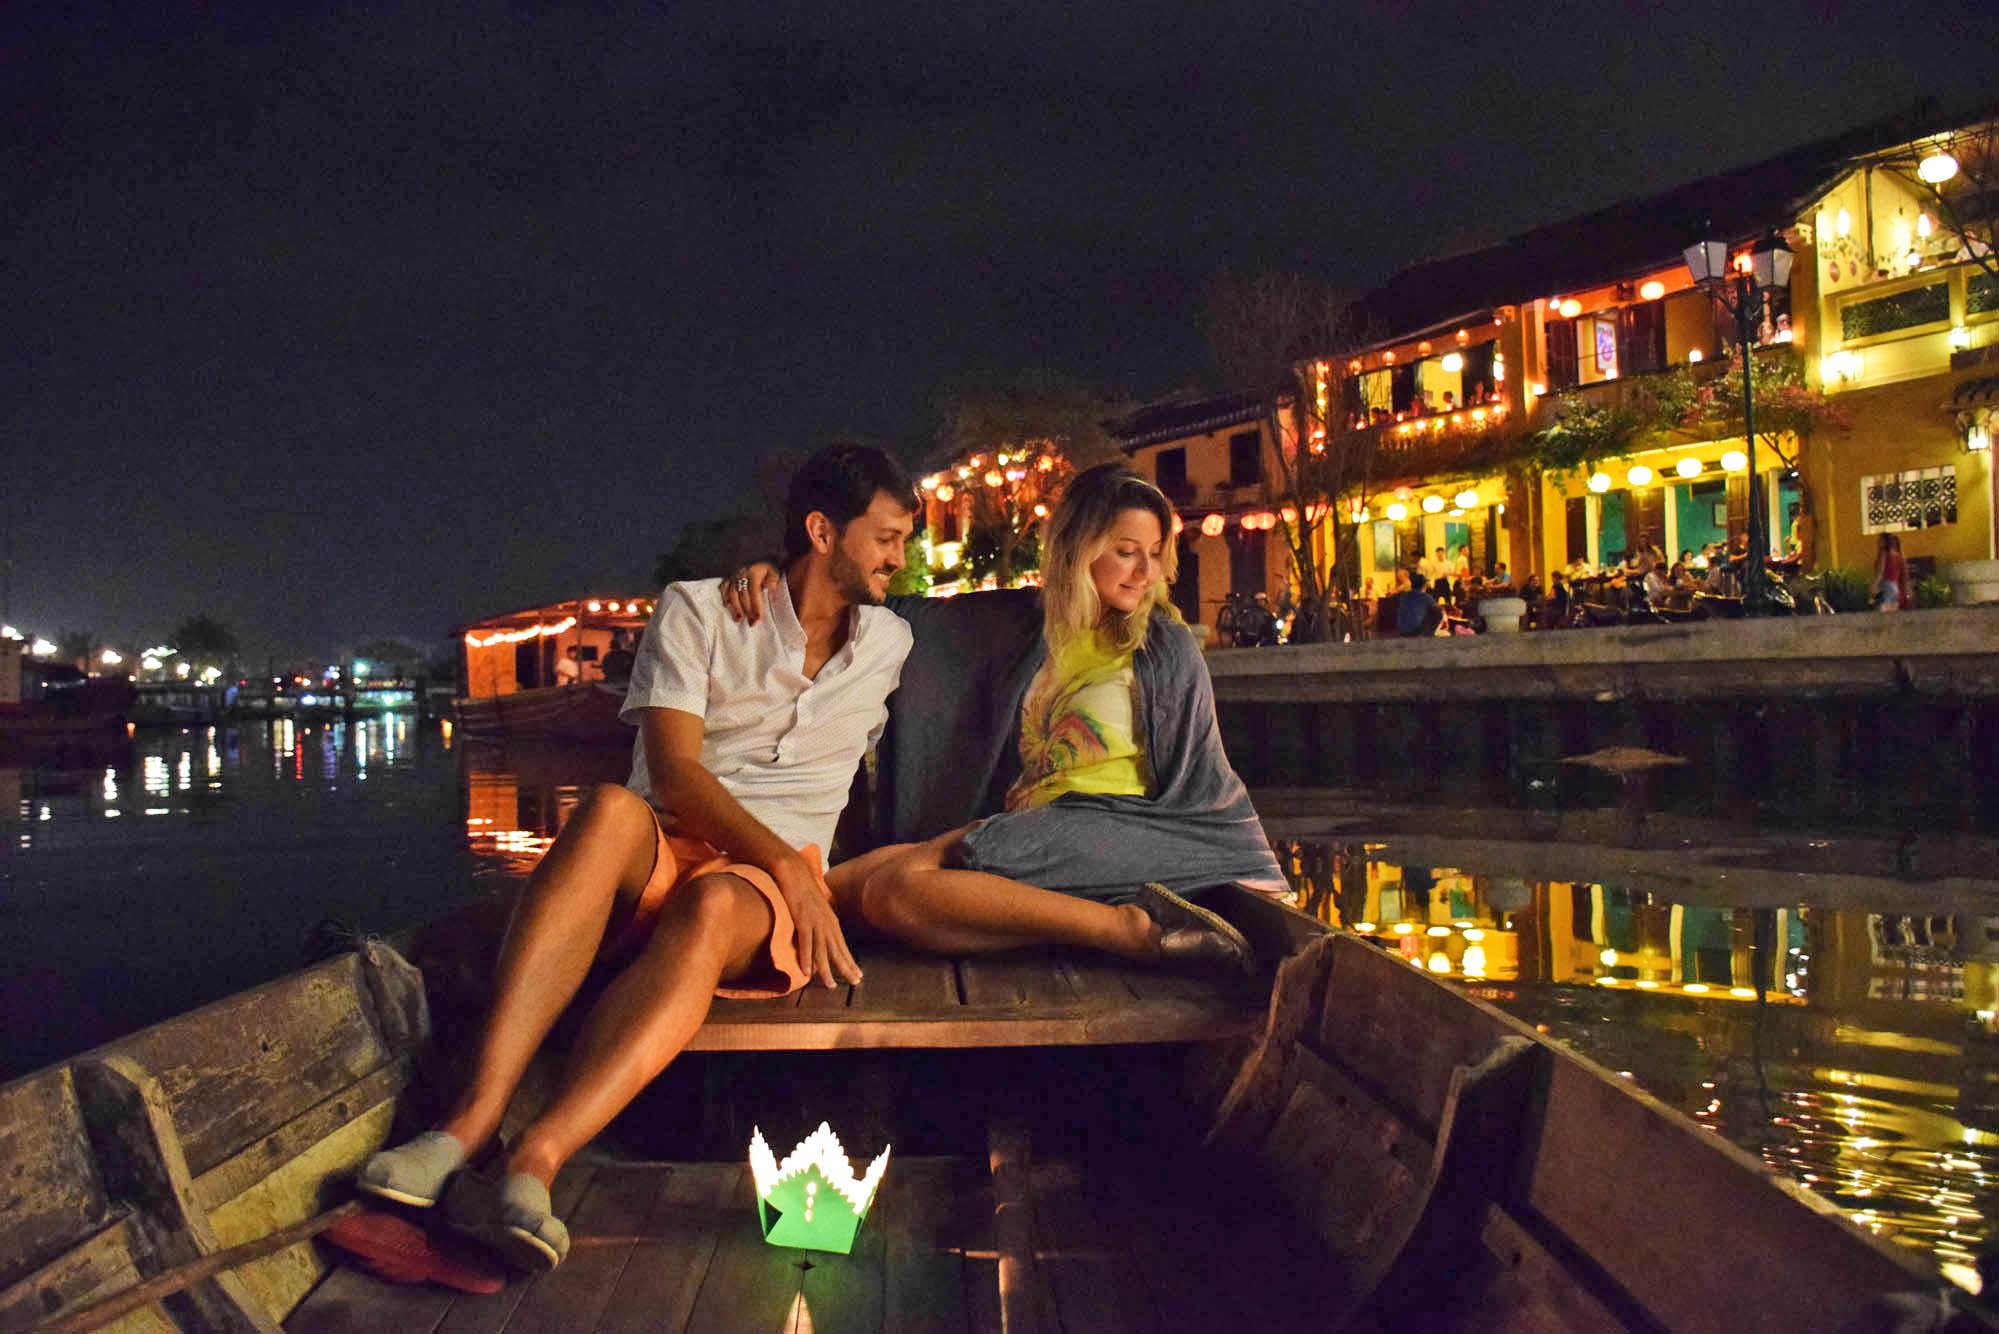 Passeio noturno mais do que especial pelo rio de Hoi An ♥